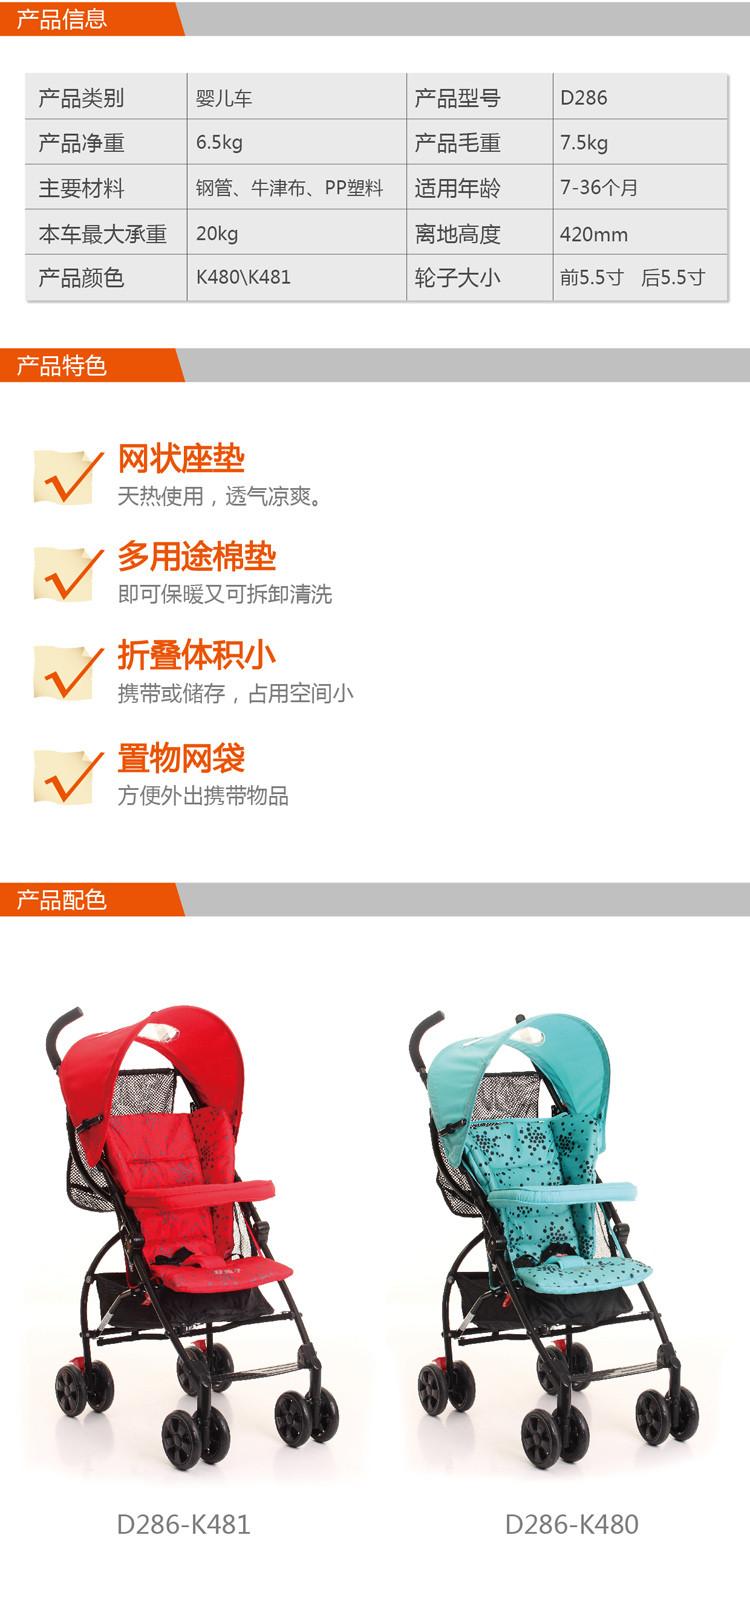 online store in uae 00237811 bags